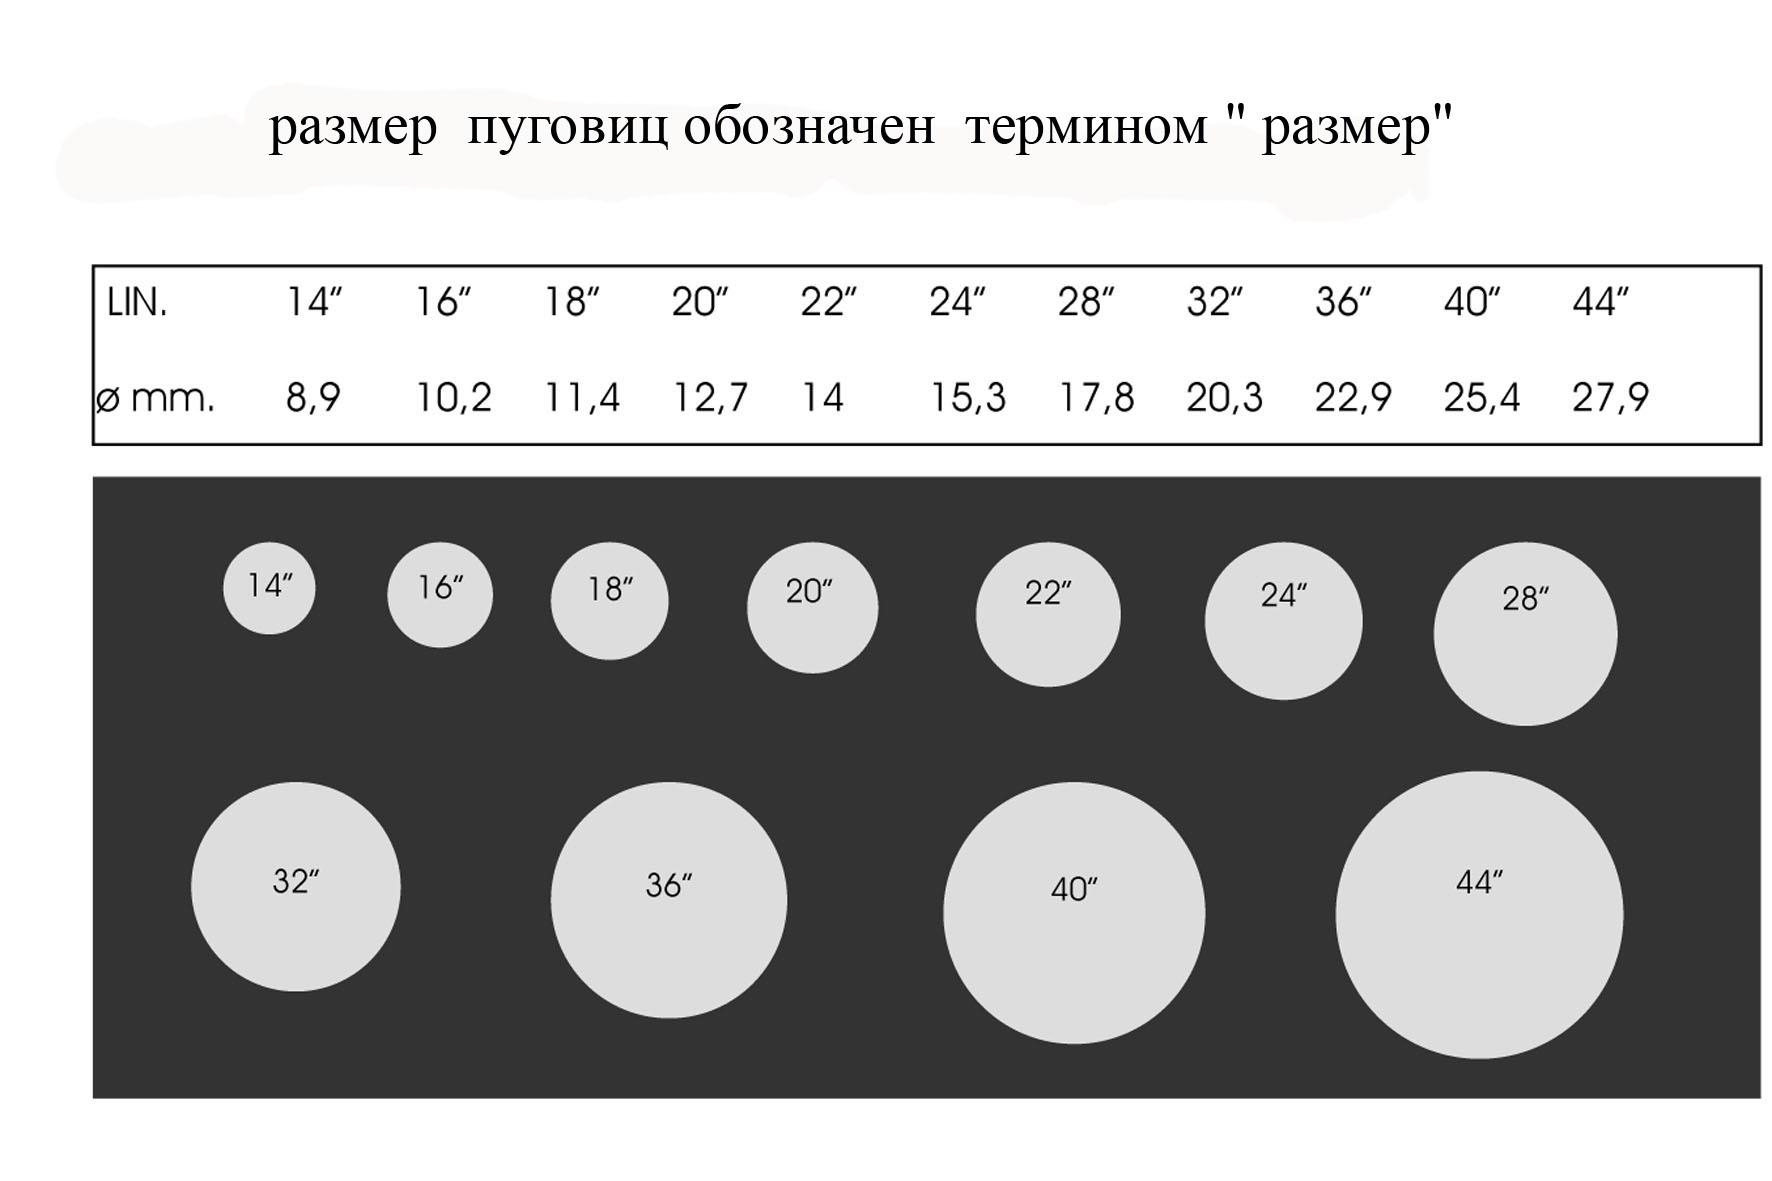 lineati RUS.jpg